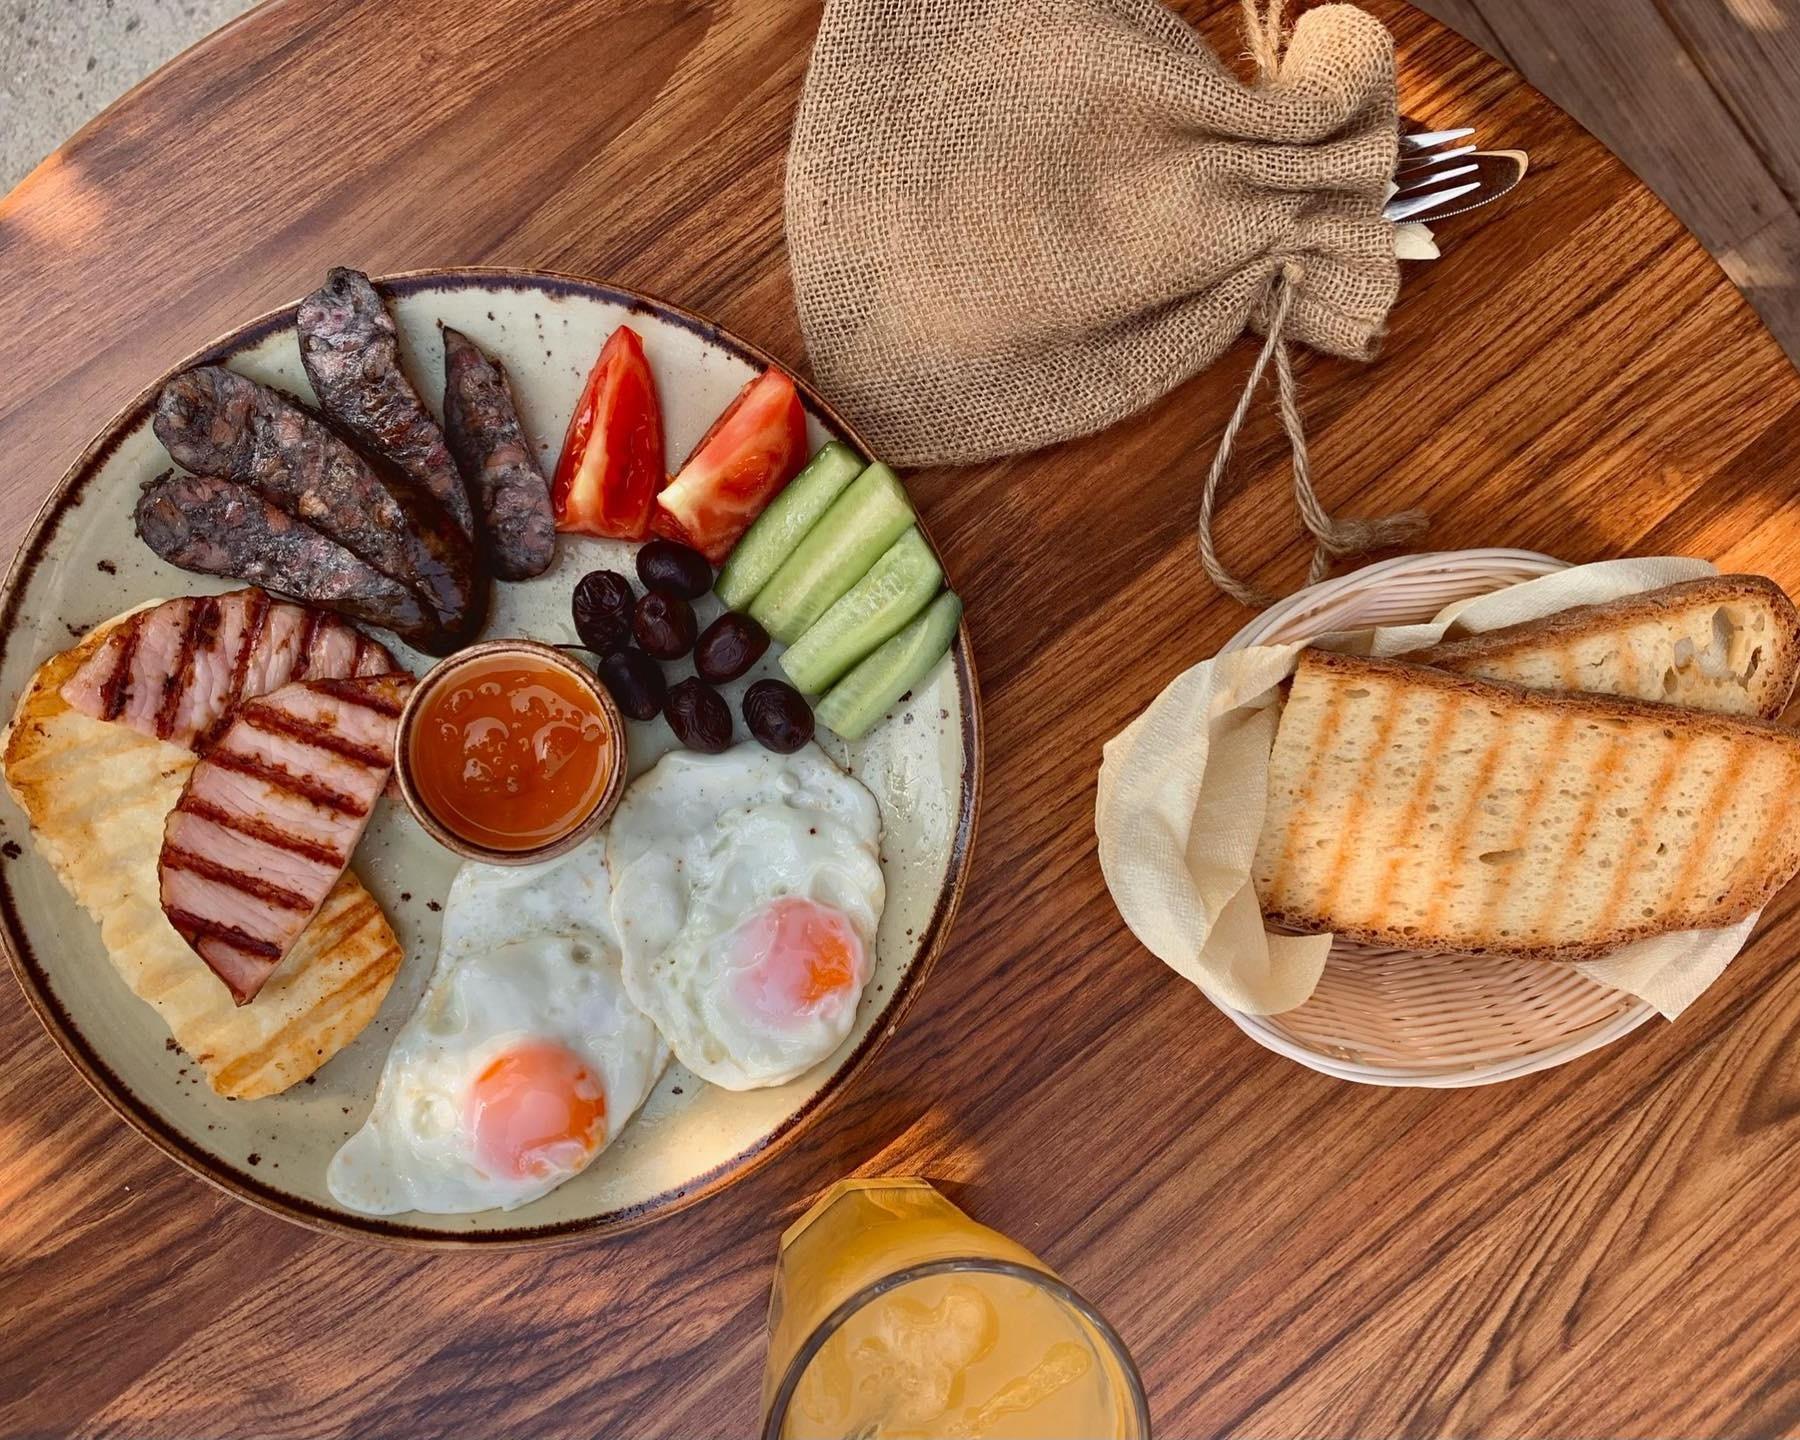 2 μέρη στη Λάρνακα που μπορείς να απολαύσεις αυθεντικό κυπριακό πρωινό